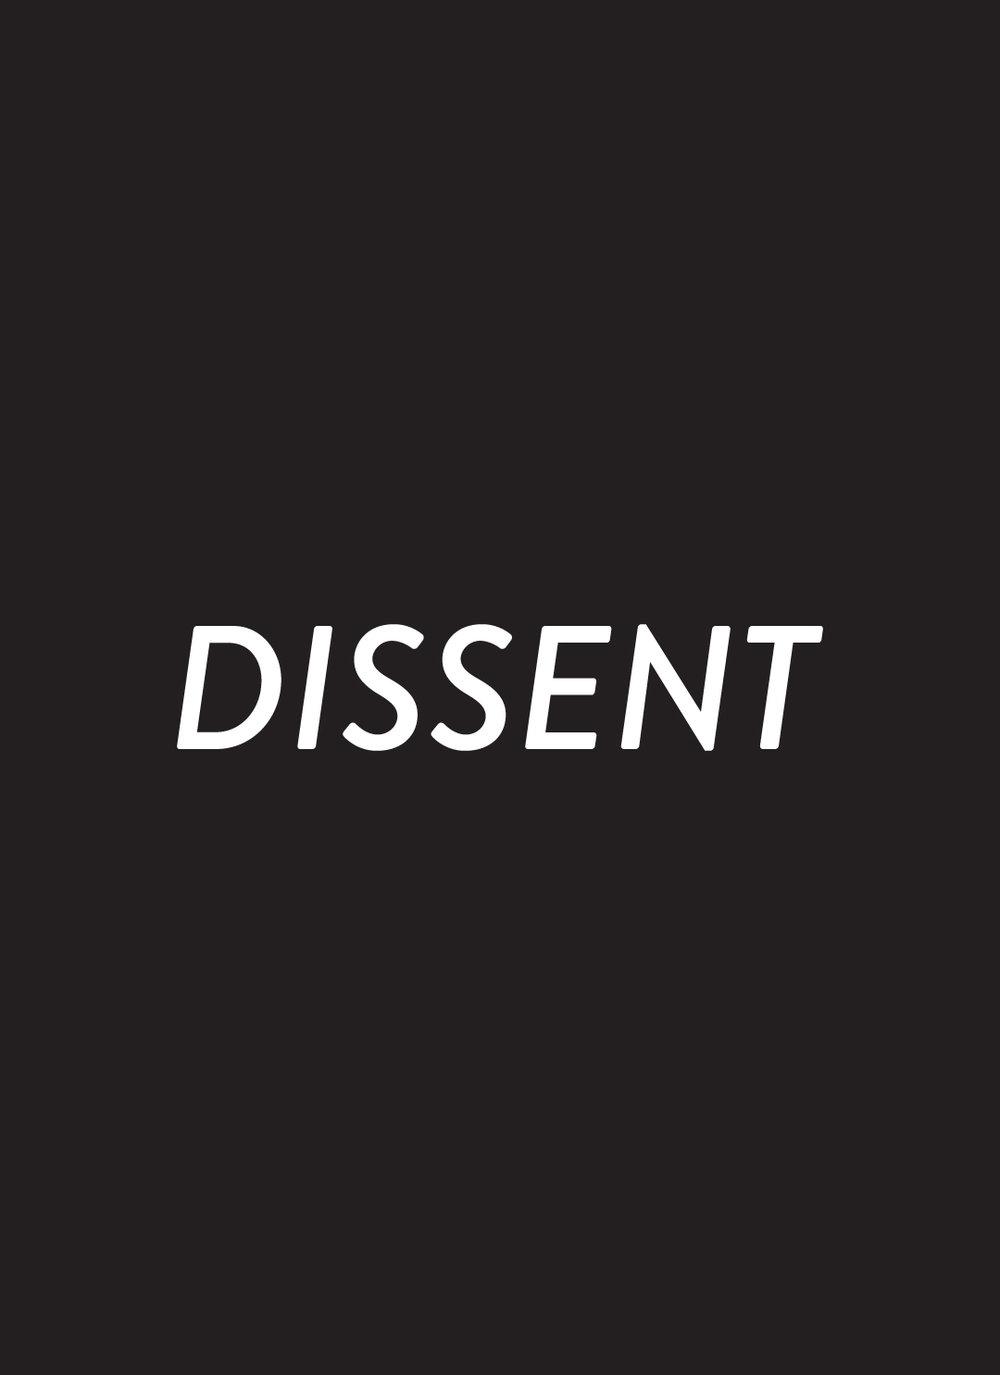 DISSENT01.jpg